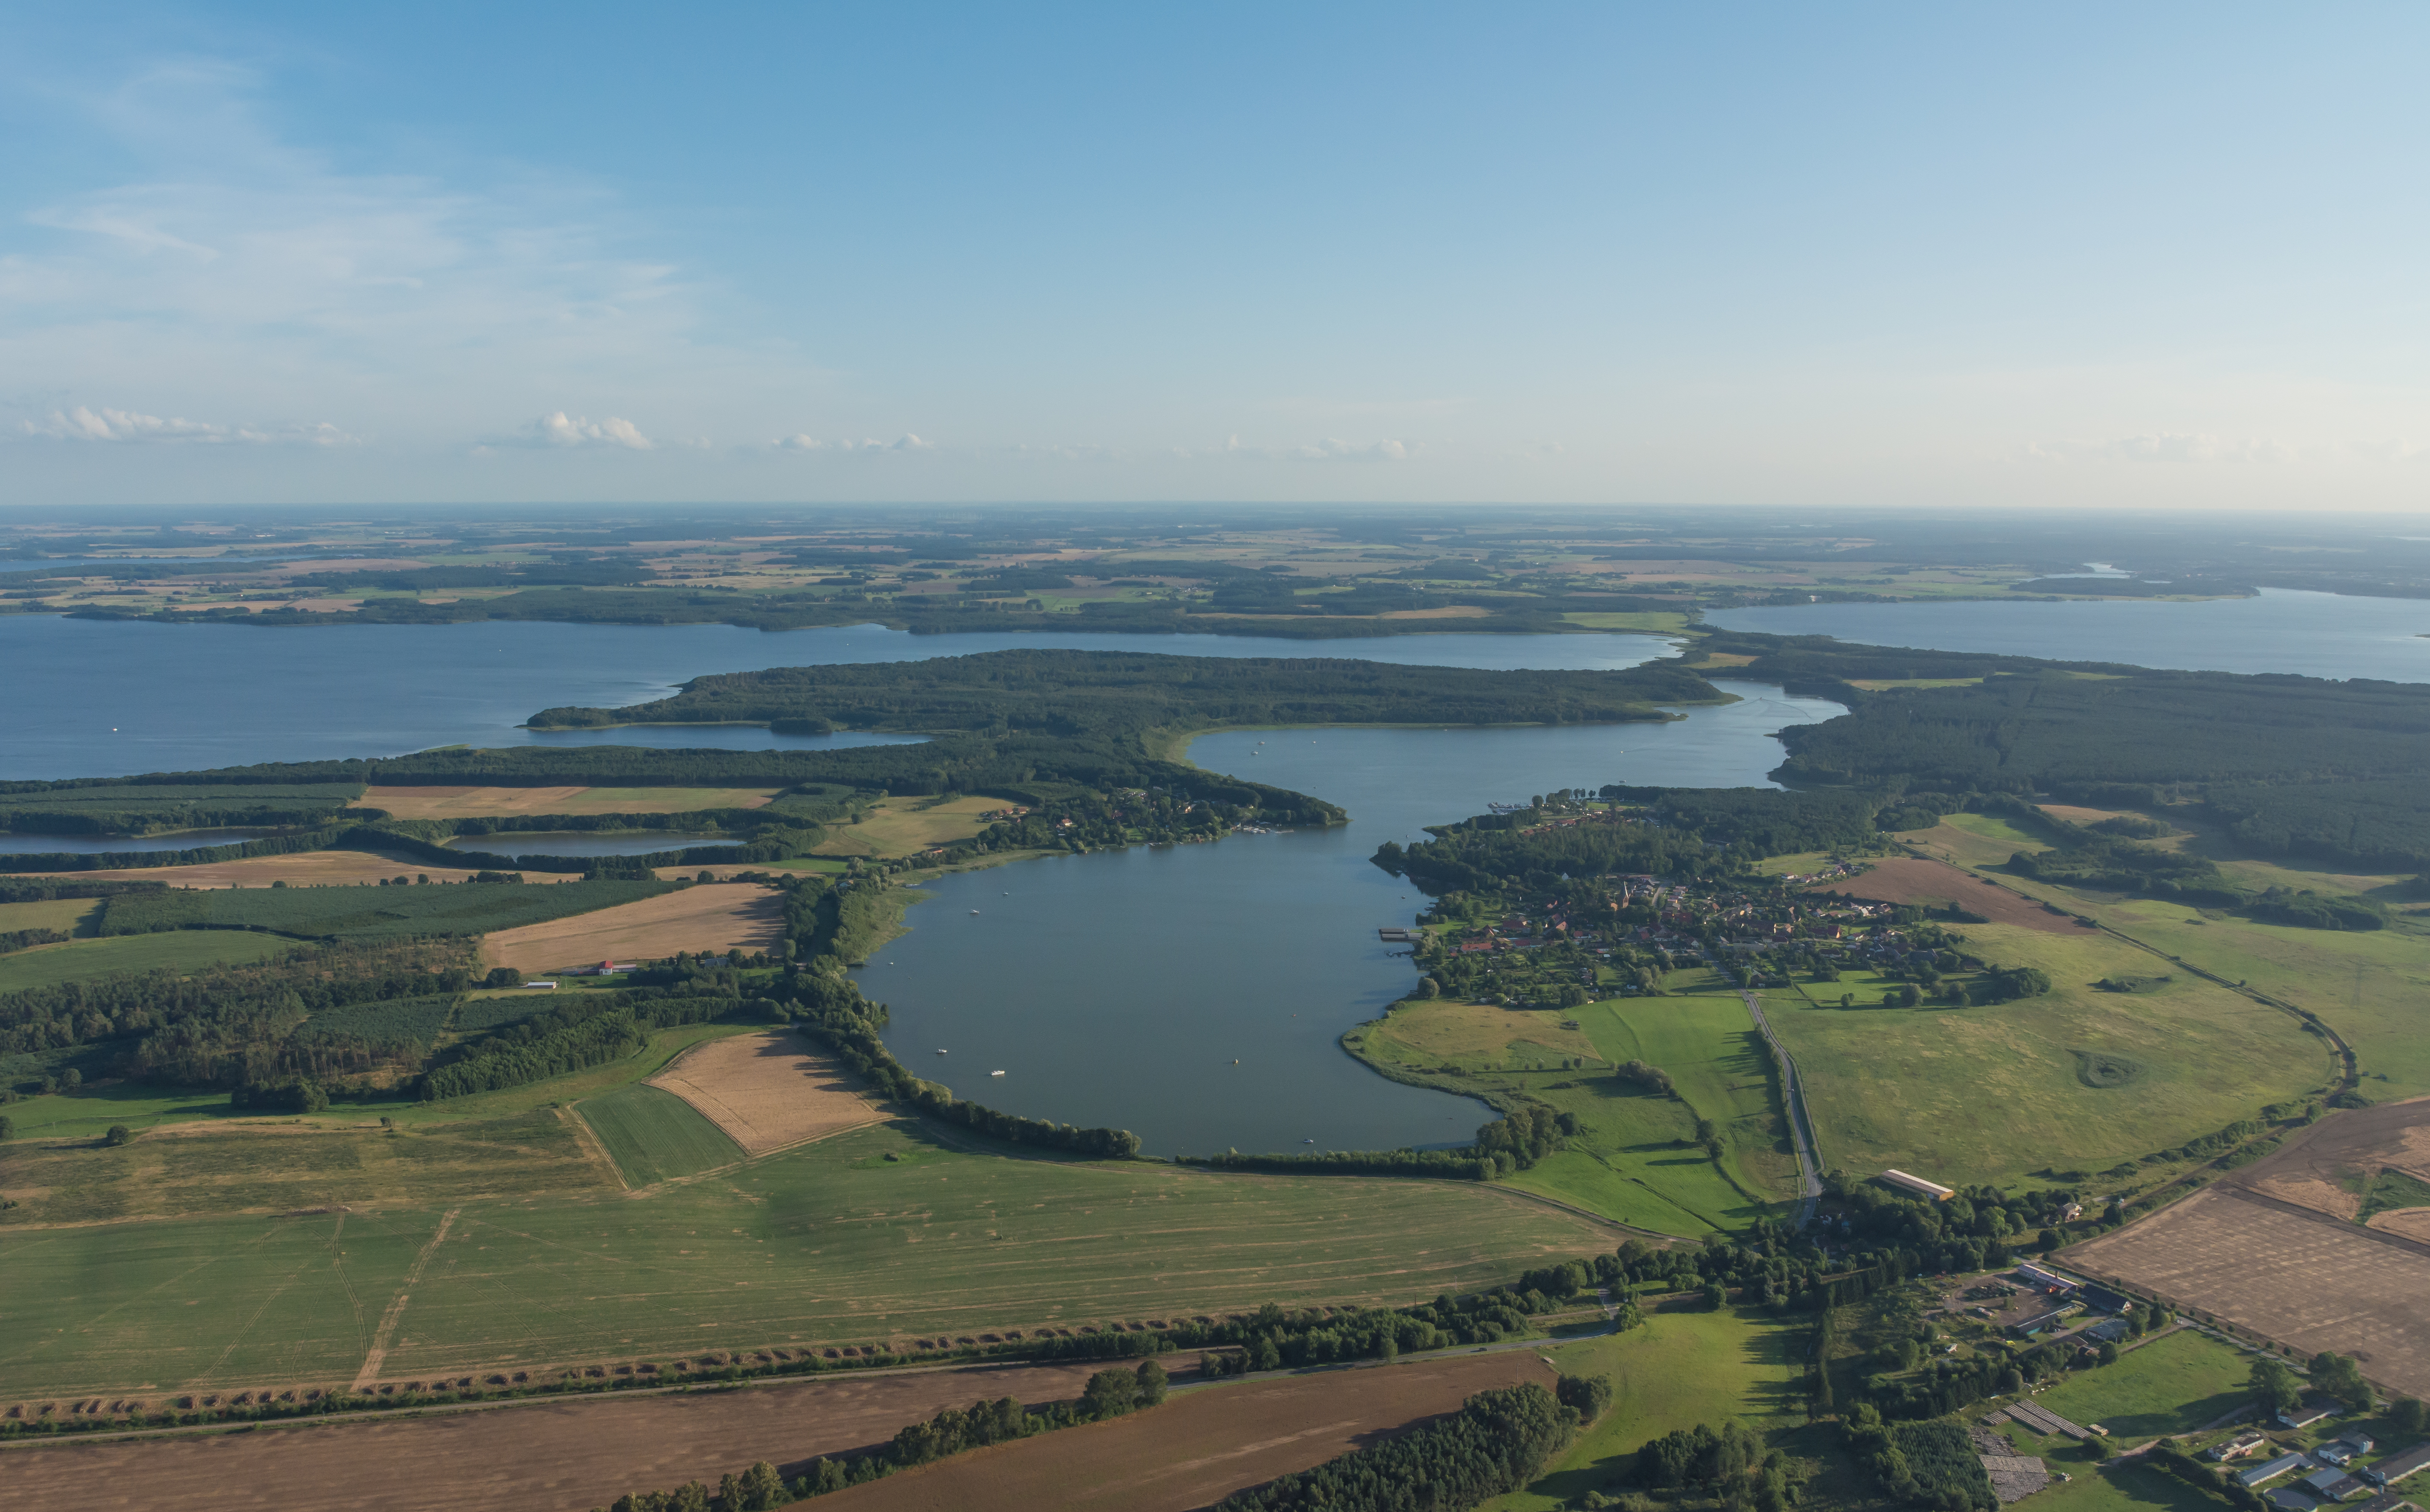 Karte Seen Mecklenburgische Seenplatte.Mecklenburgische Seenplatte Wikipedia